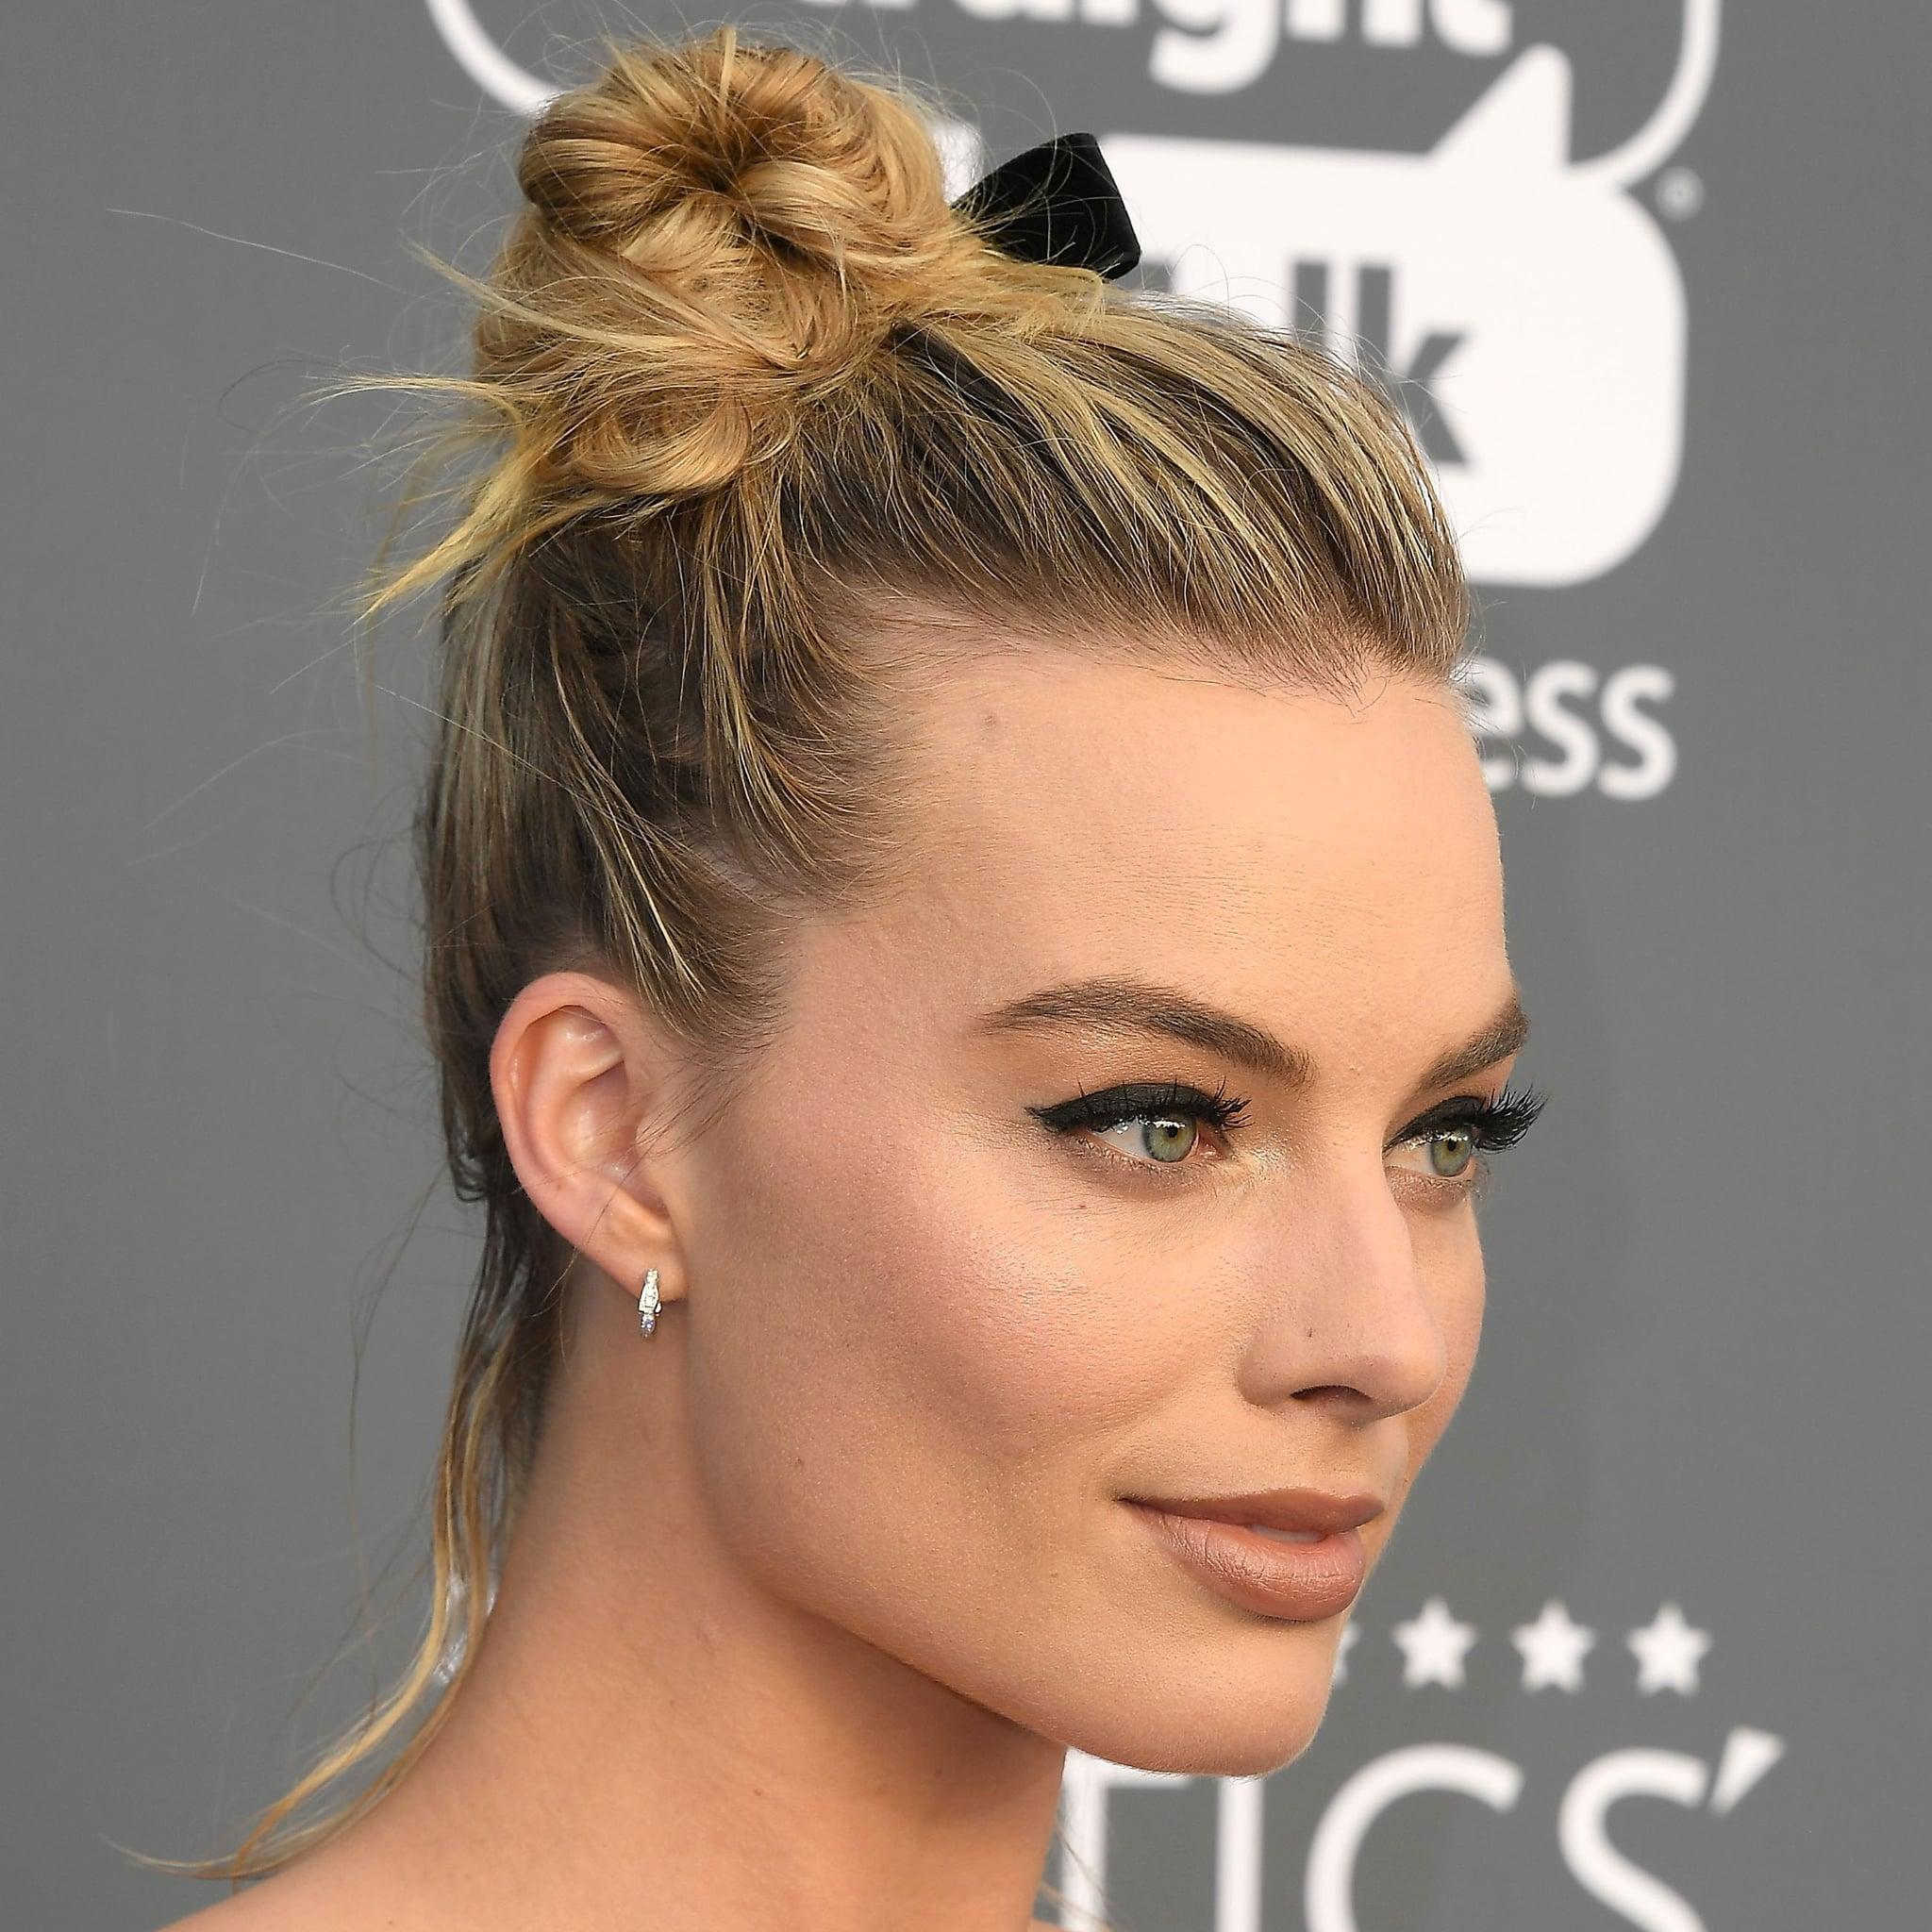 Margot Robbie S Best Updo Hairstyles Popsugar Beauty Australia